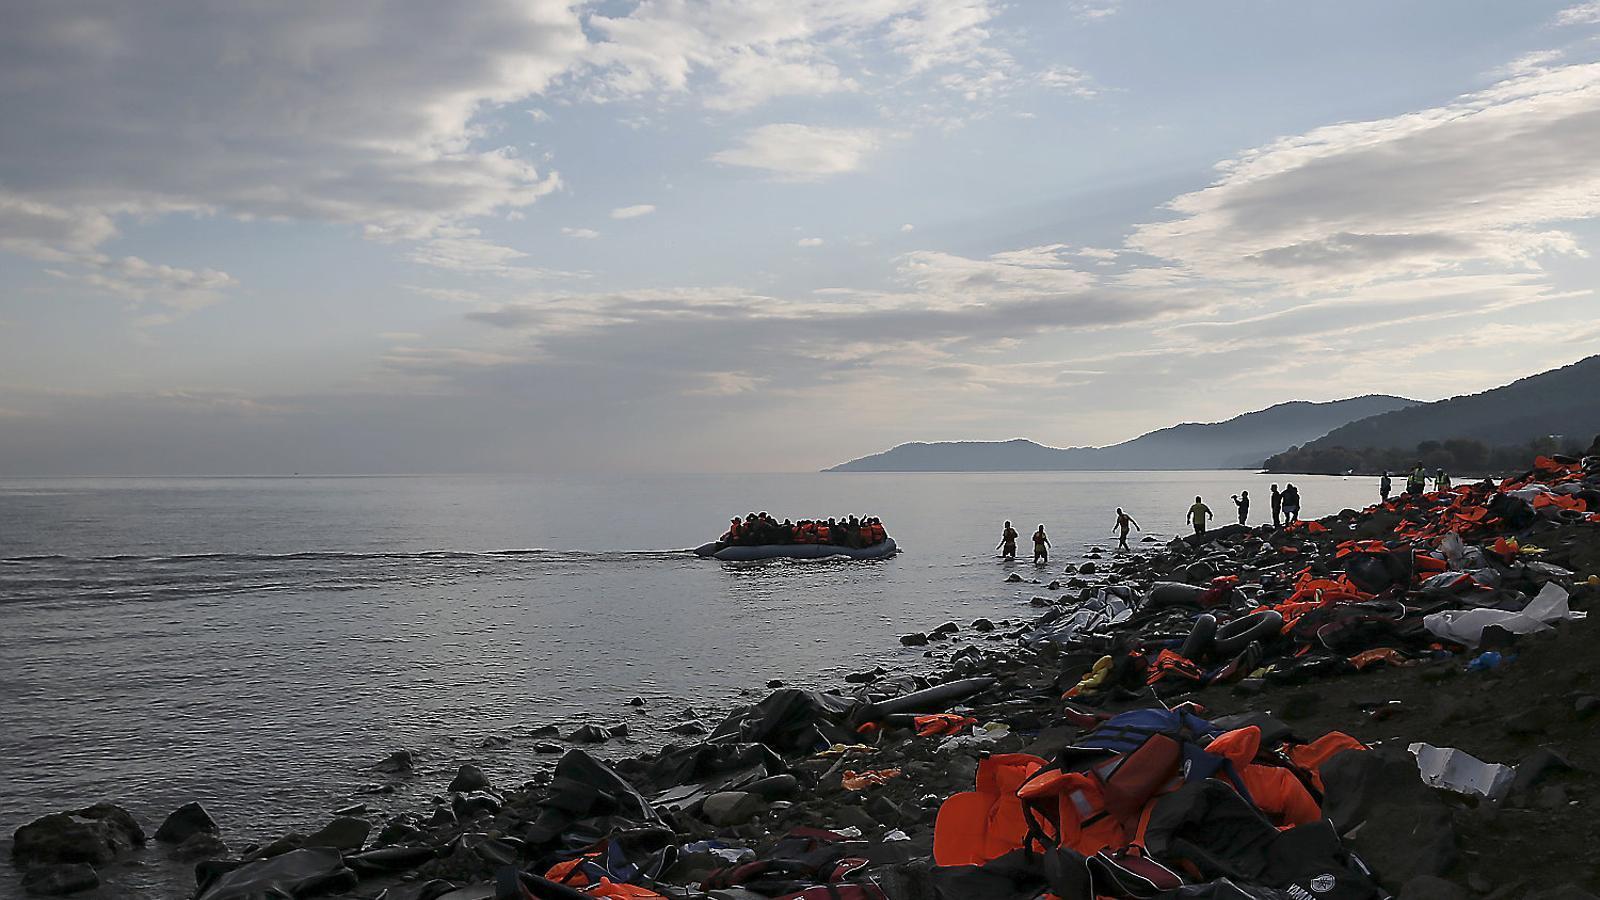 Un grup de refugiats arribant a l'illa de Lesbos en una costa plena d'armilles salvavides, el 2015.